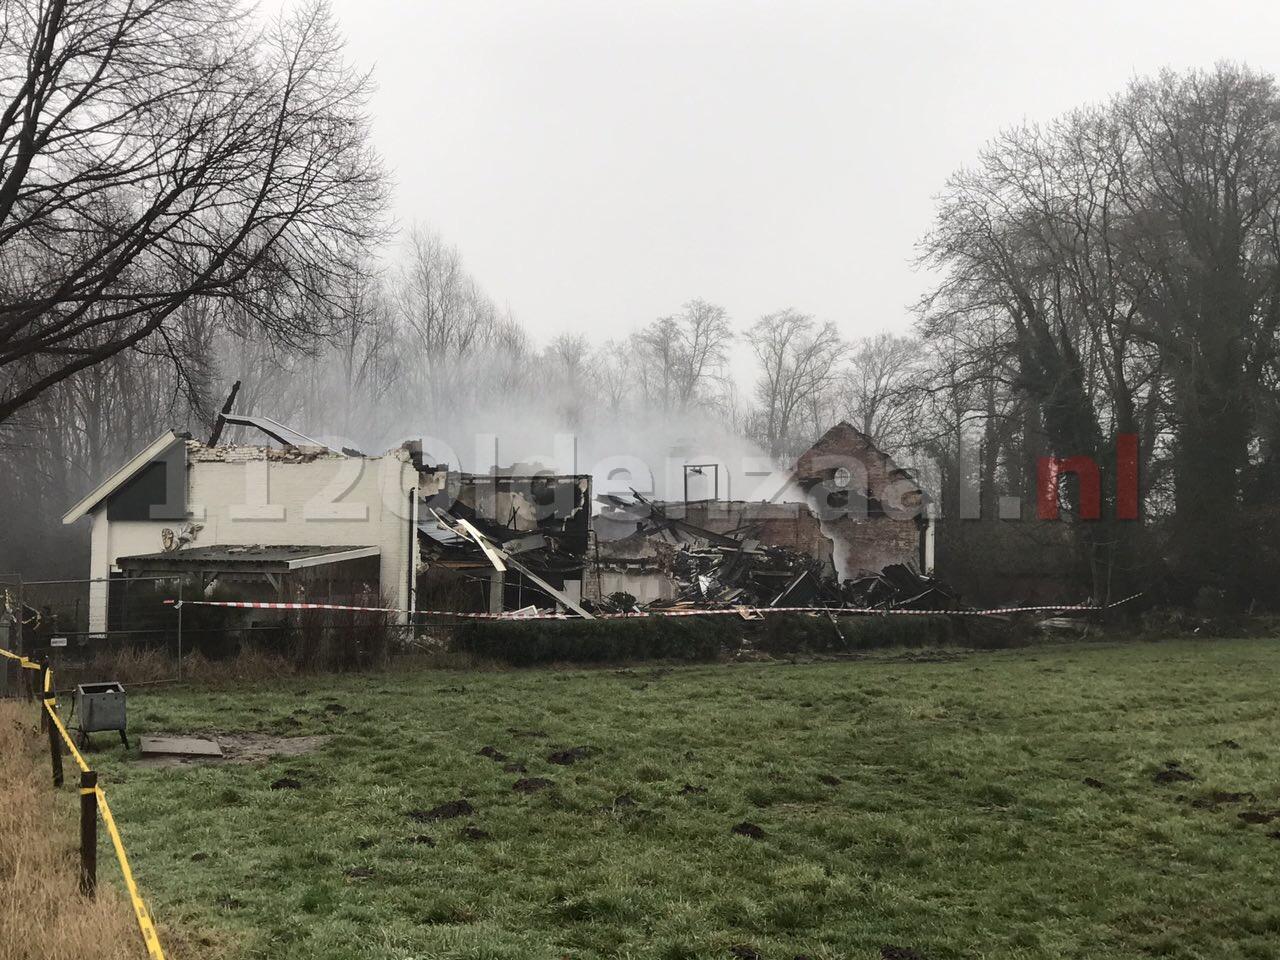 Video: Grote brand woonboerderij Denekamp; Ravage goed zichtbaar bij daglicht